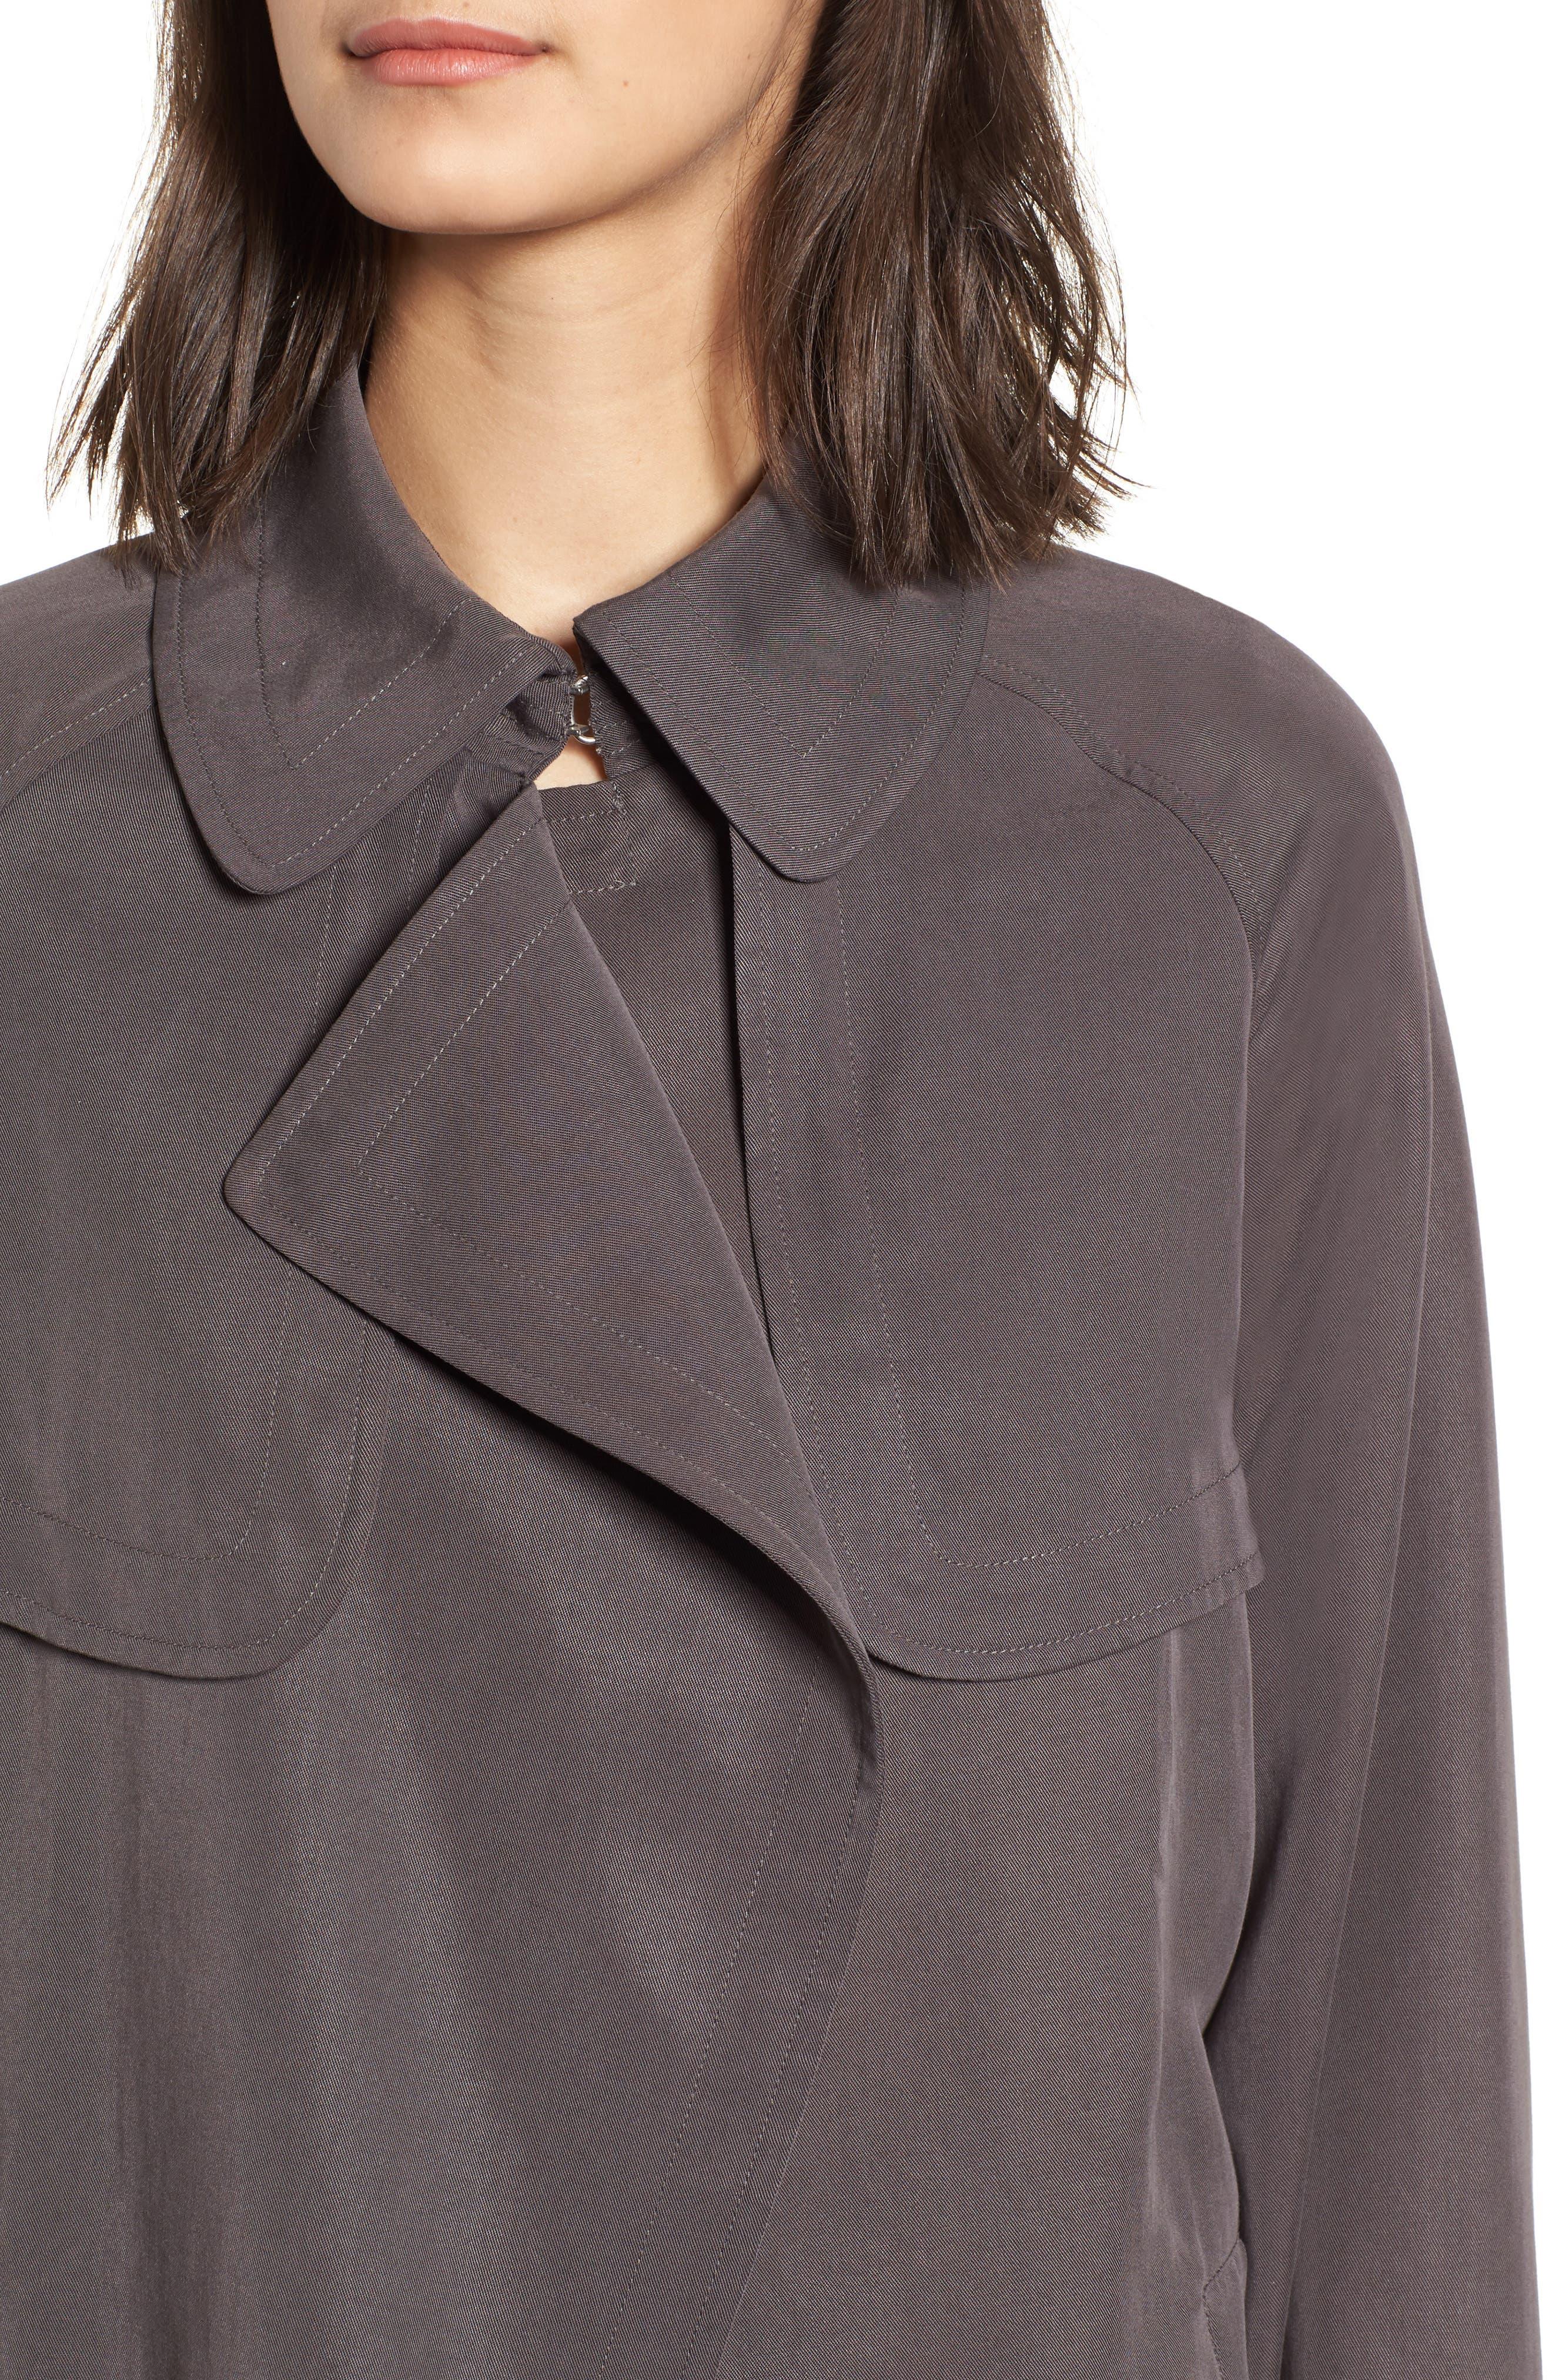 Ella Drape Trench Coat,                             Alternate thumbnail 4, color,                             020